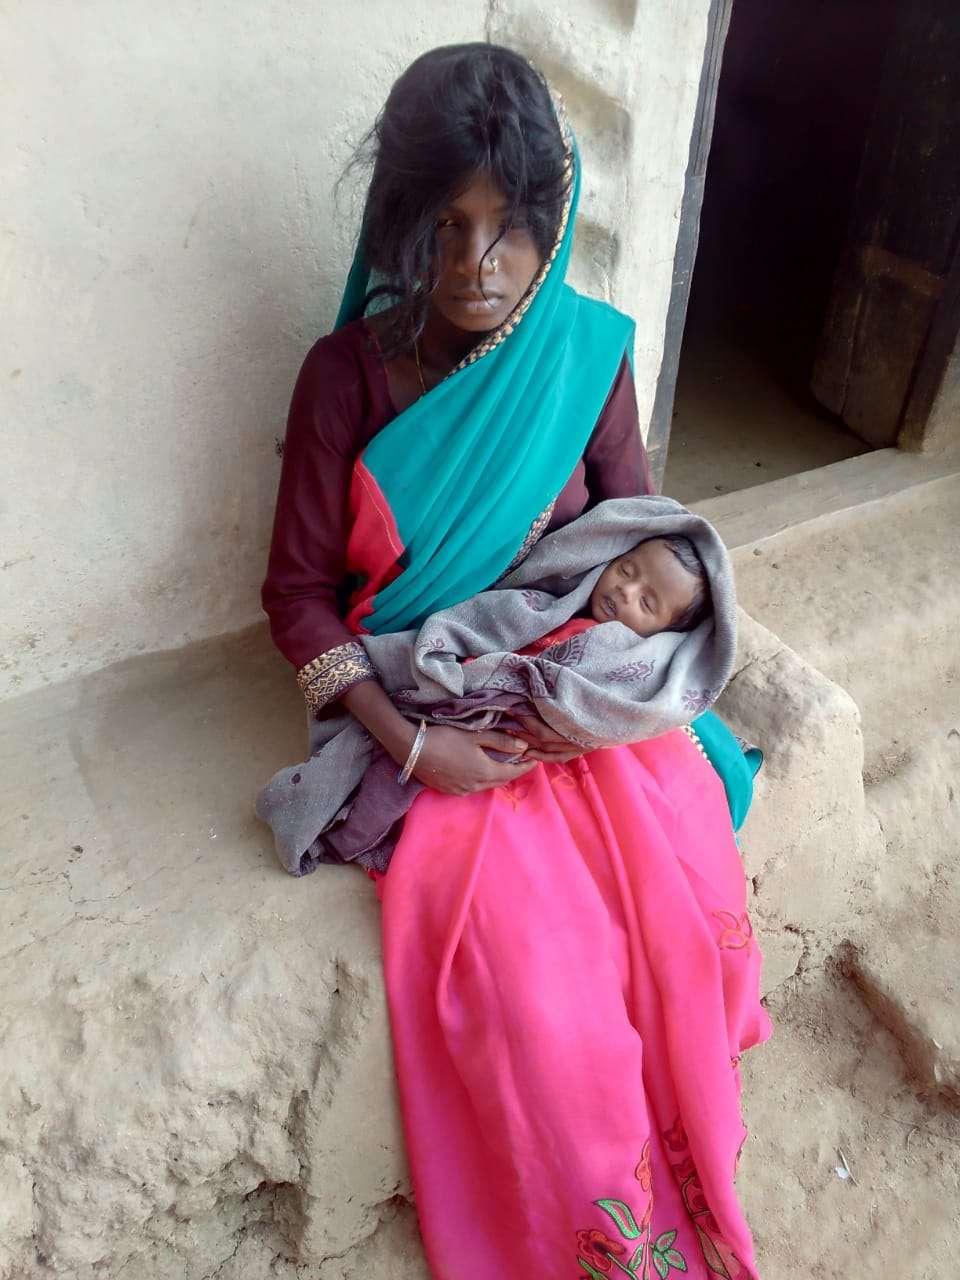 पंडो परिवार के 1 माह के बच्चे की मौत के बाद उड़ी ये अफवाह, एसडीएम-सीएमएचओ दौड़ते पहुंचे गांव